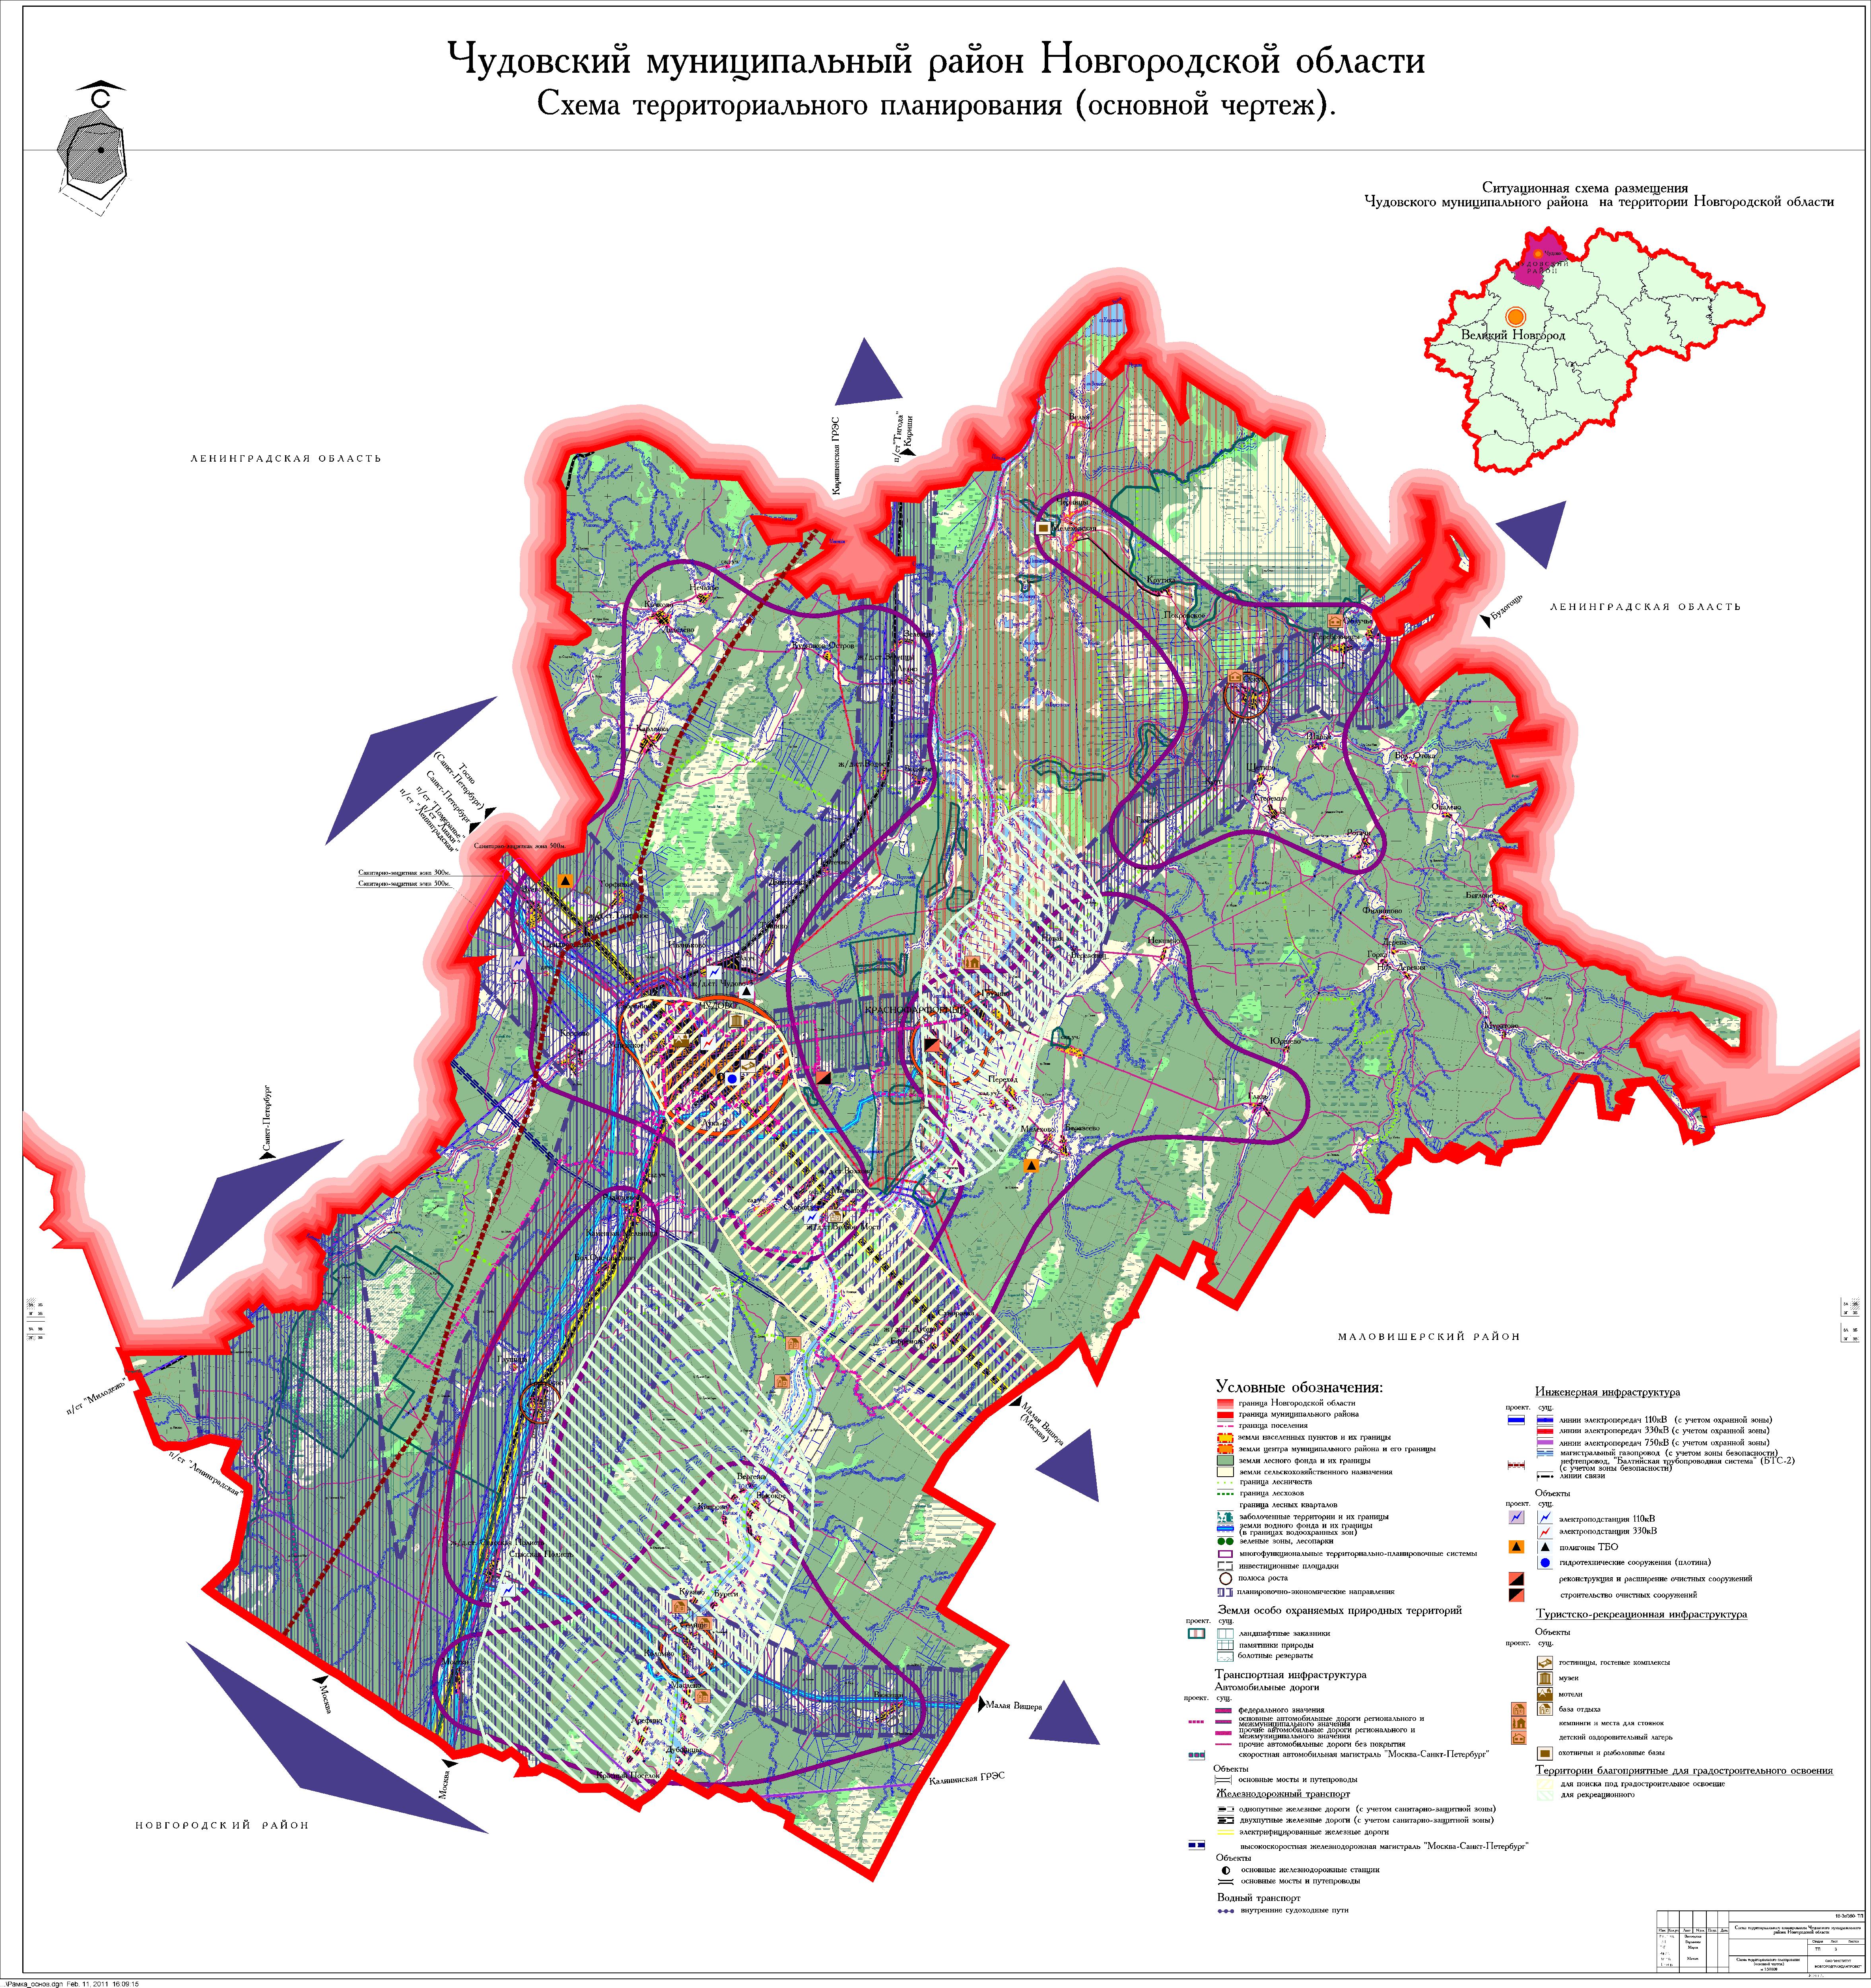 Архитектуры и градостроительства